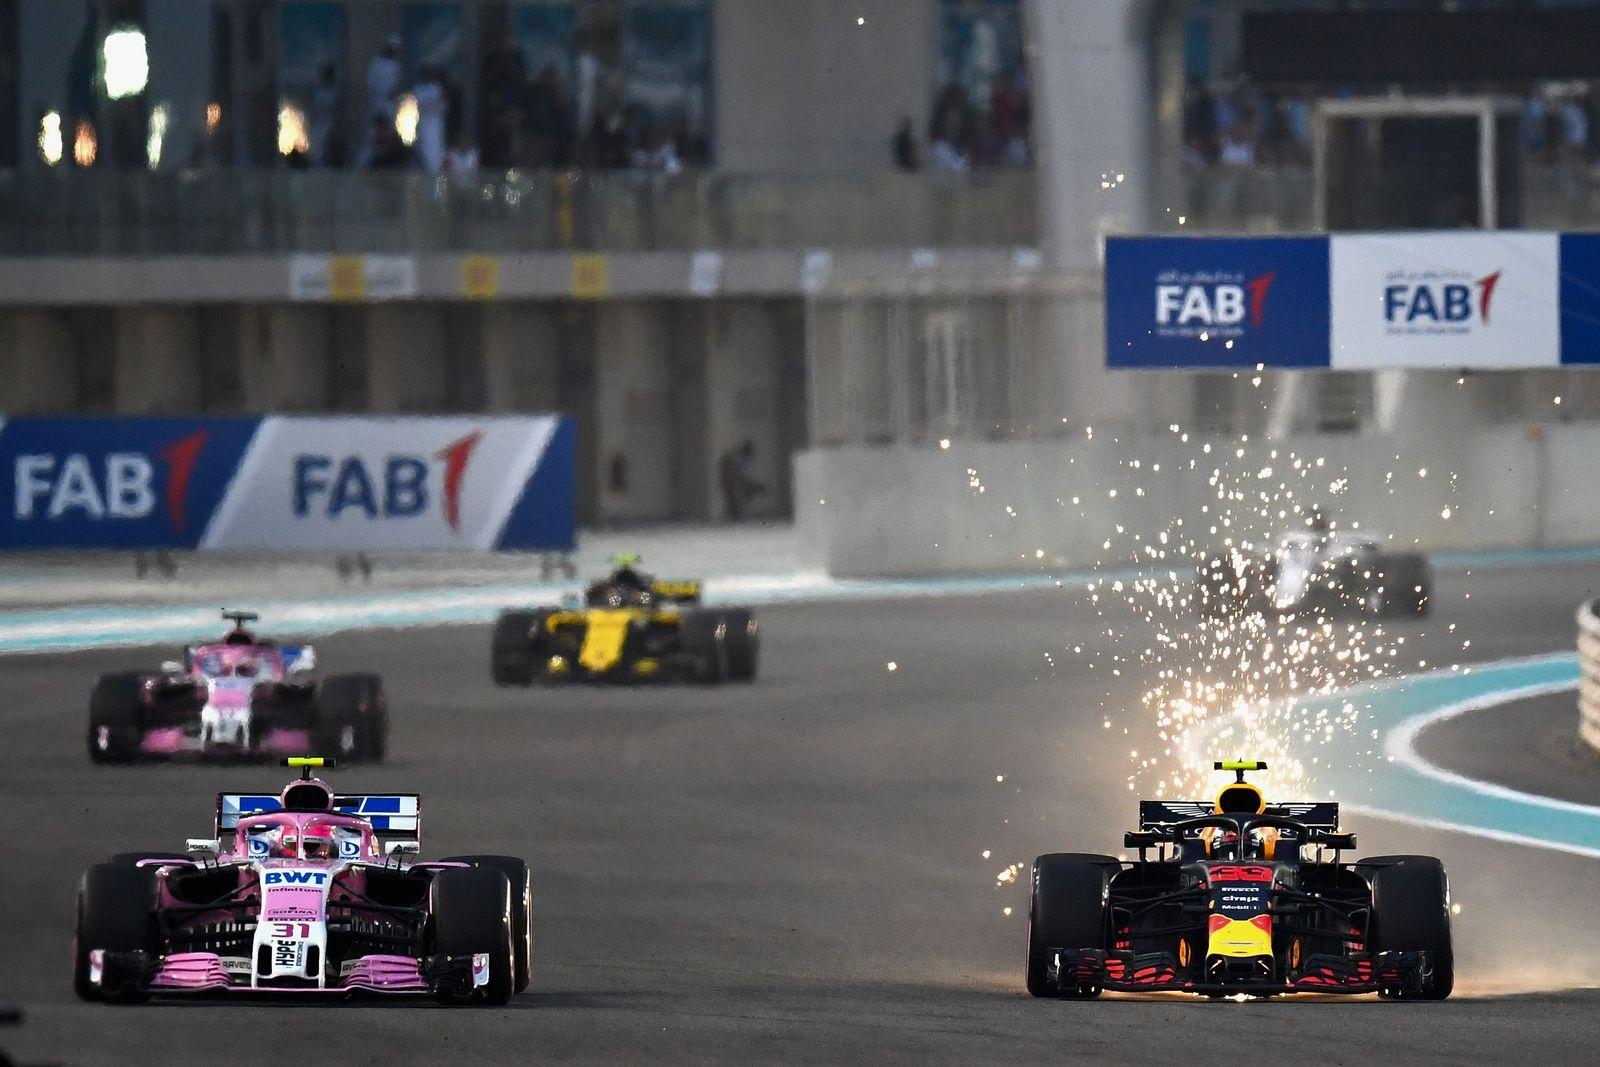 Formel 1 Verstappen Ocon